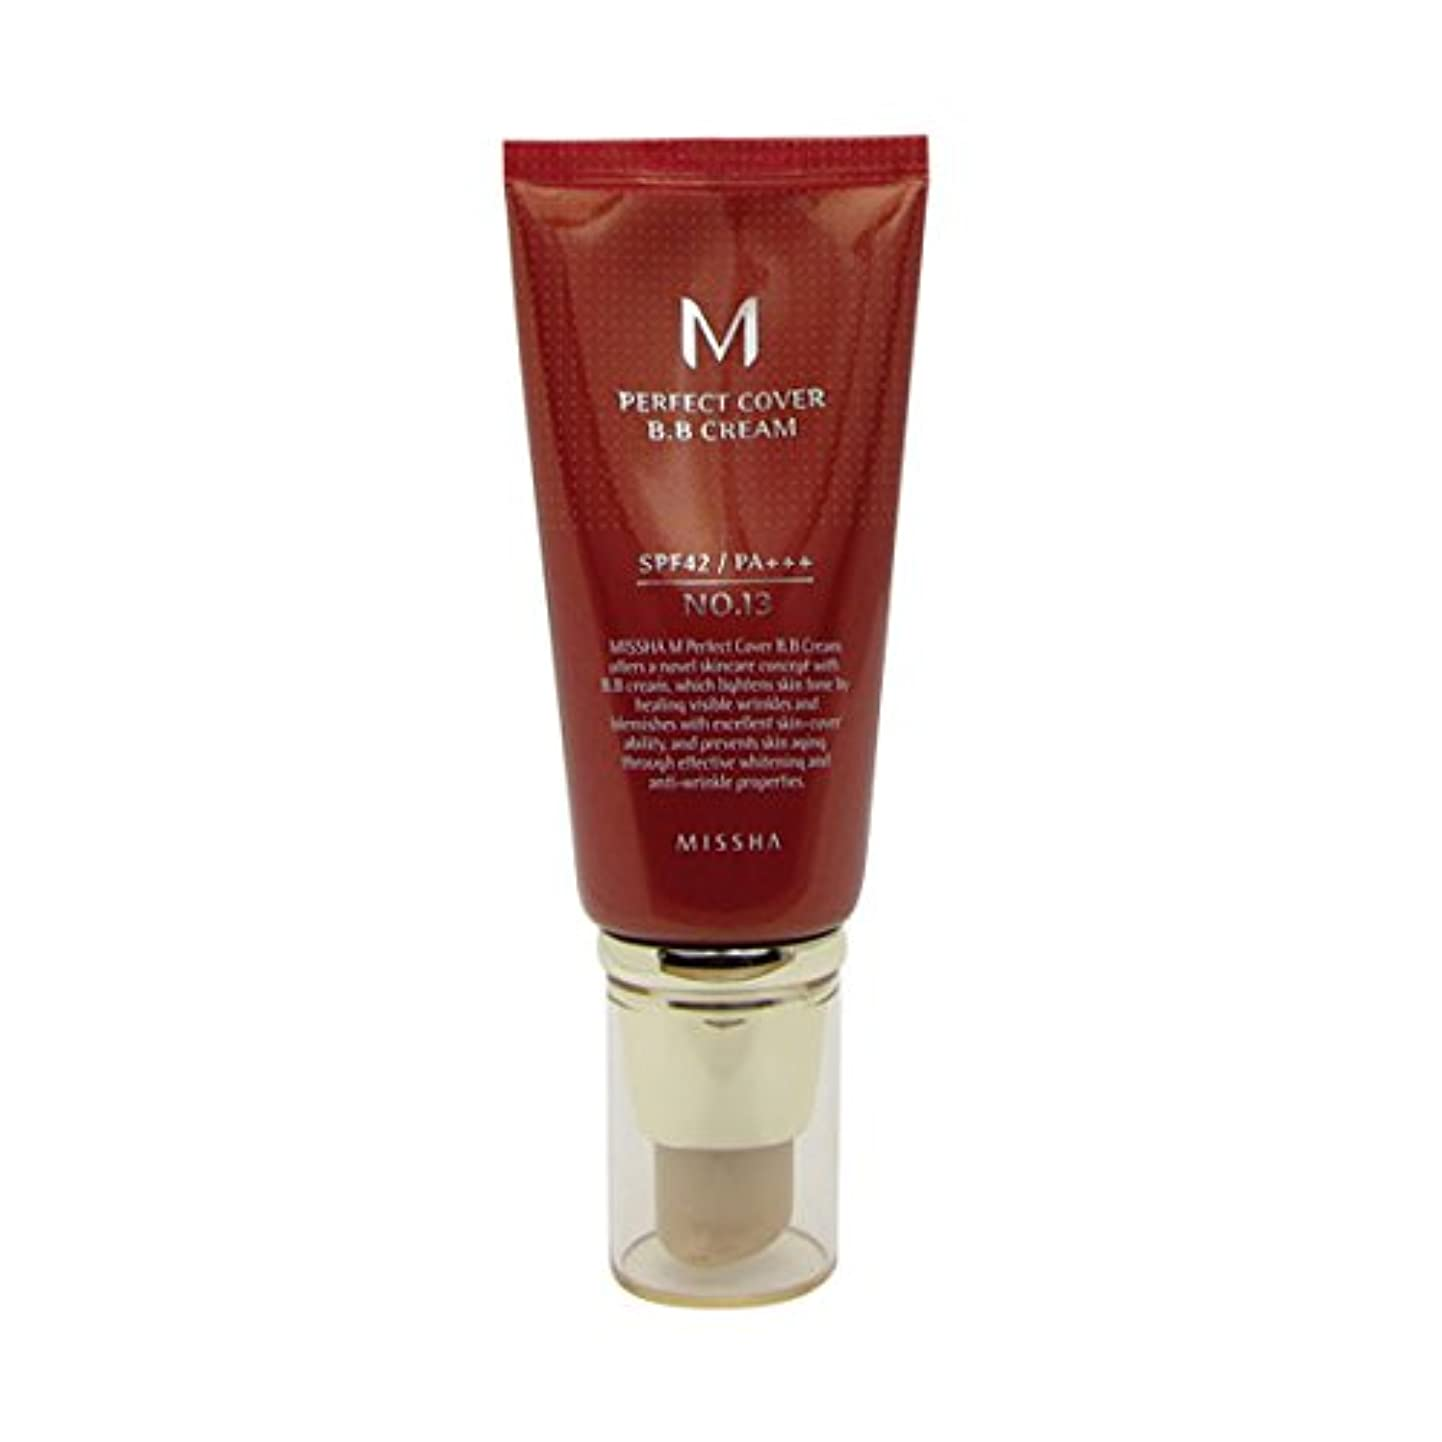 割り当てる風景維持Missha M Perfect Cover Bb Cream Spf42/pa+++ No.13 Bright Beige 50ml [並行輸入品]